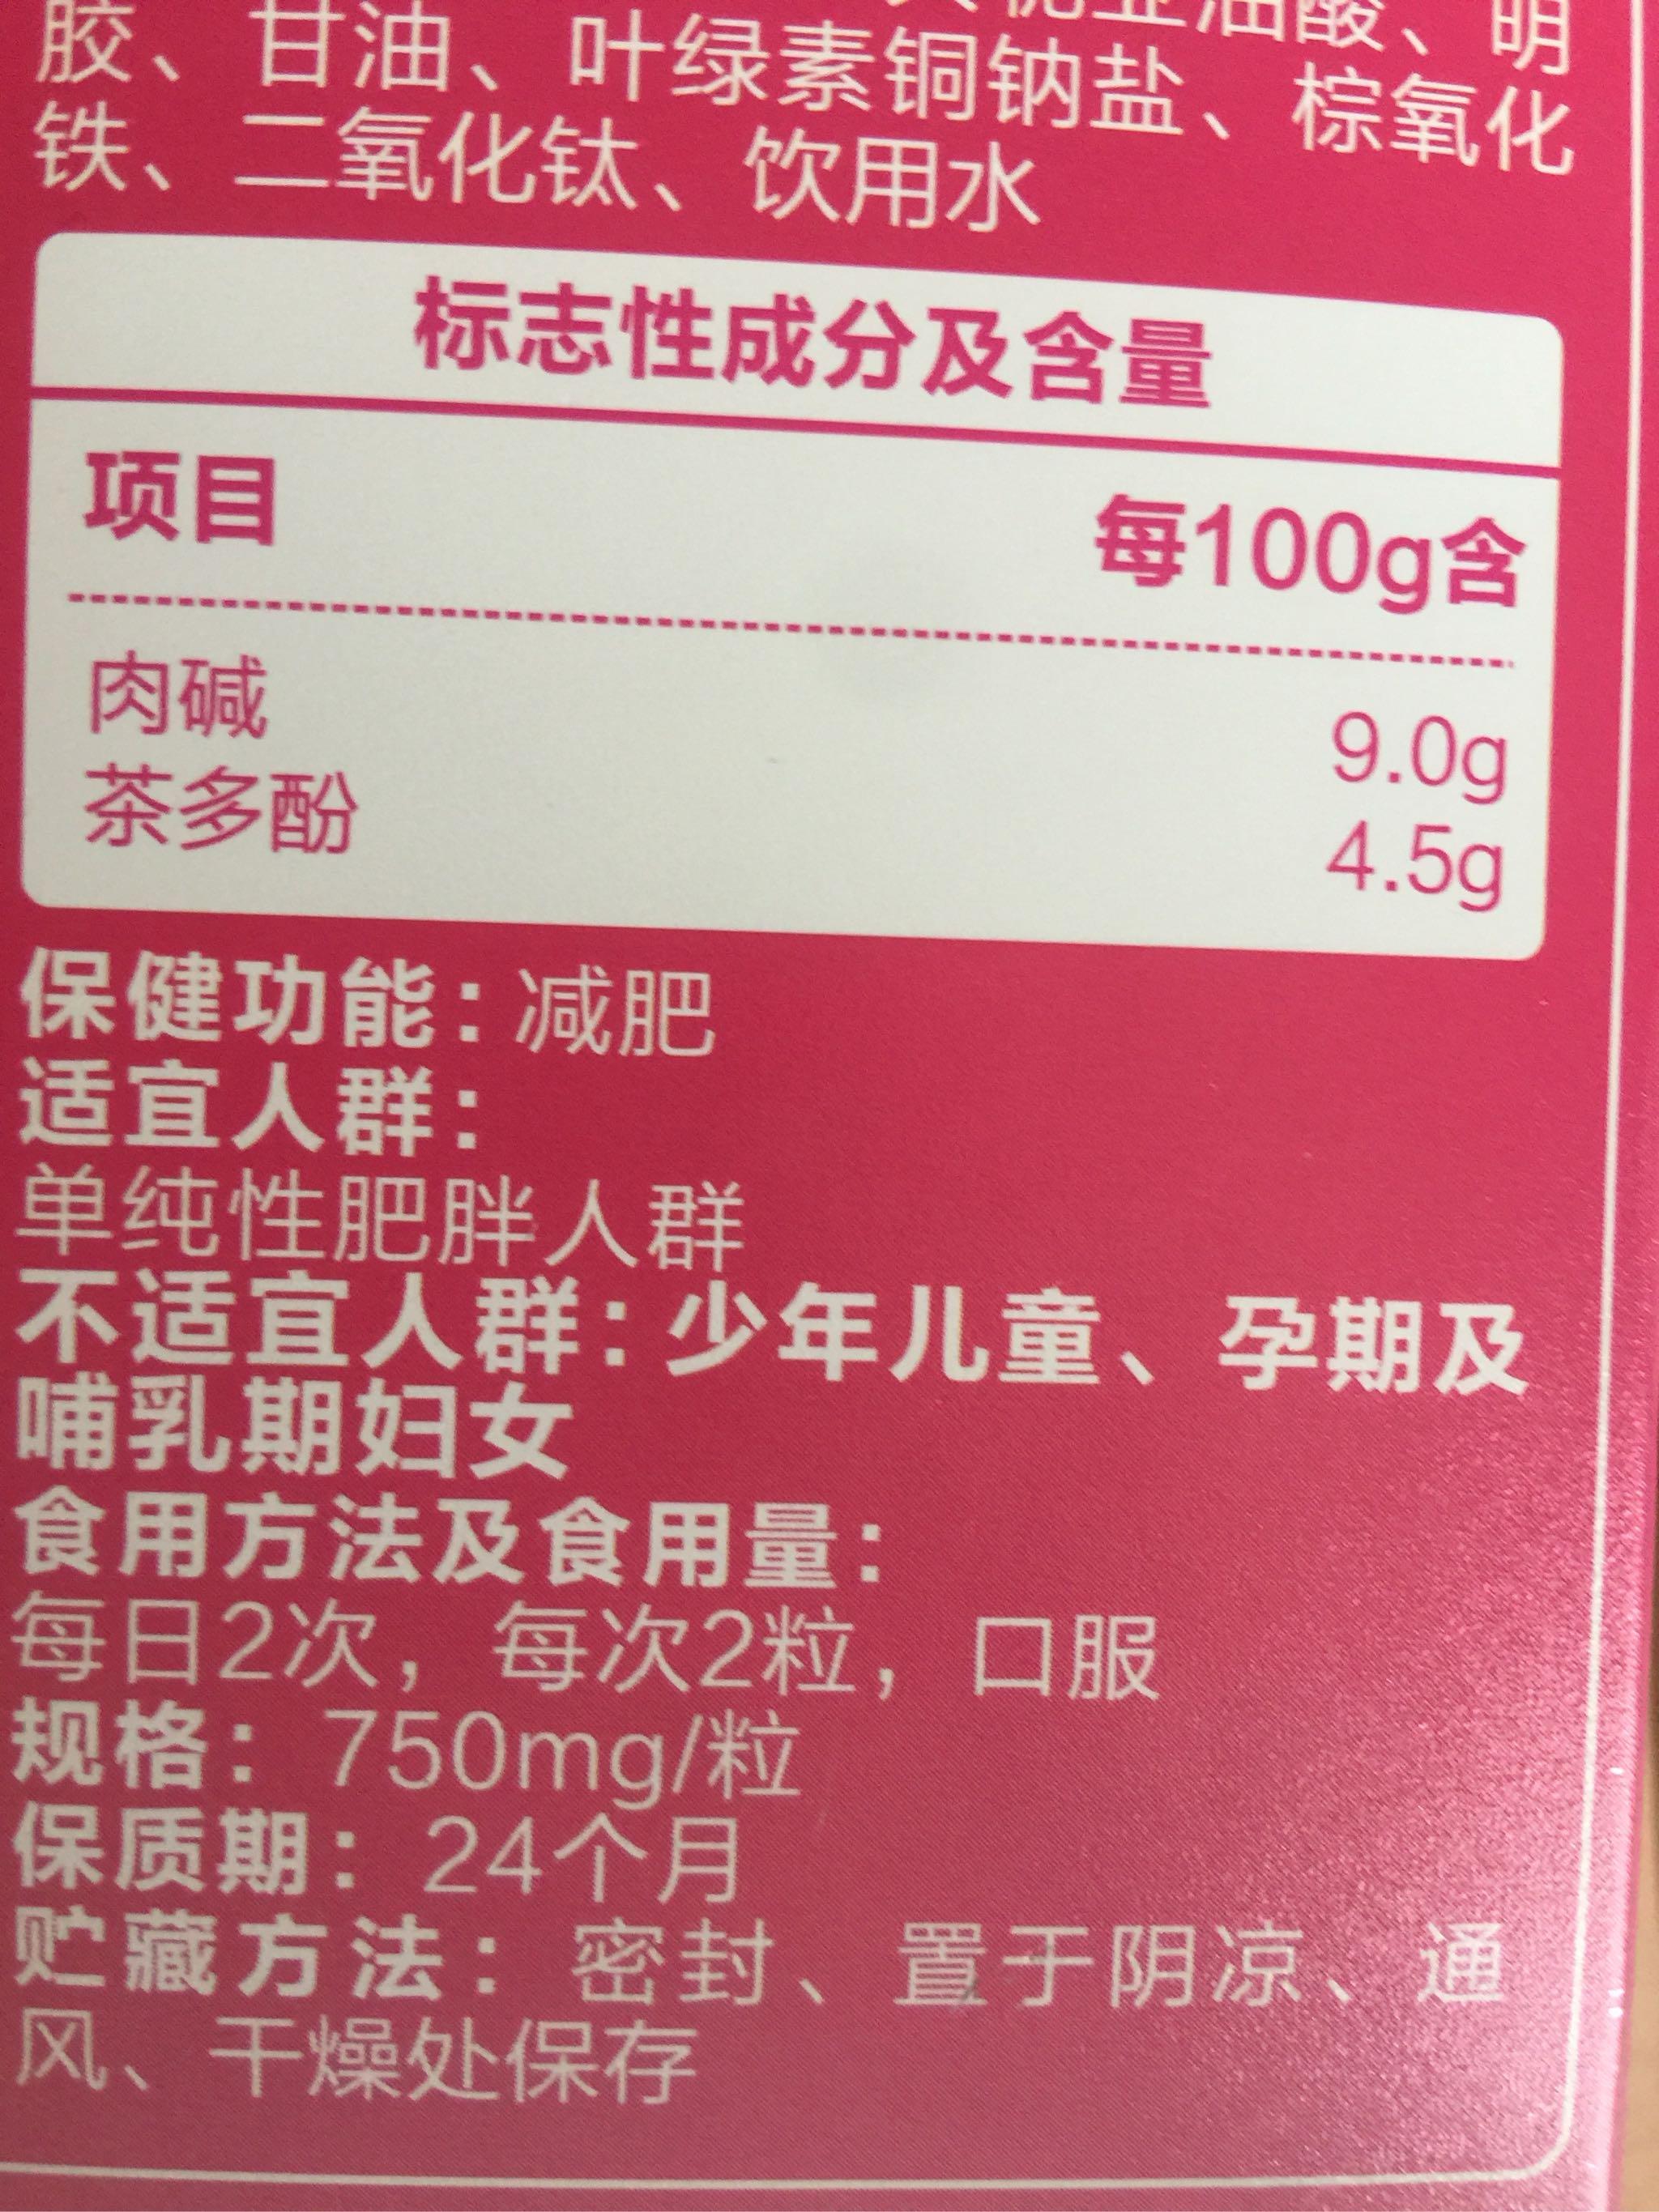 一探方便携带的减肥软胶囊,减肥药要认准正规产品